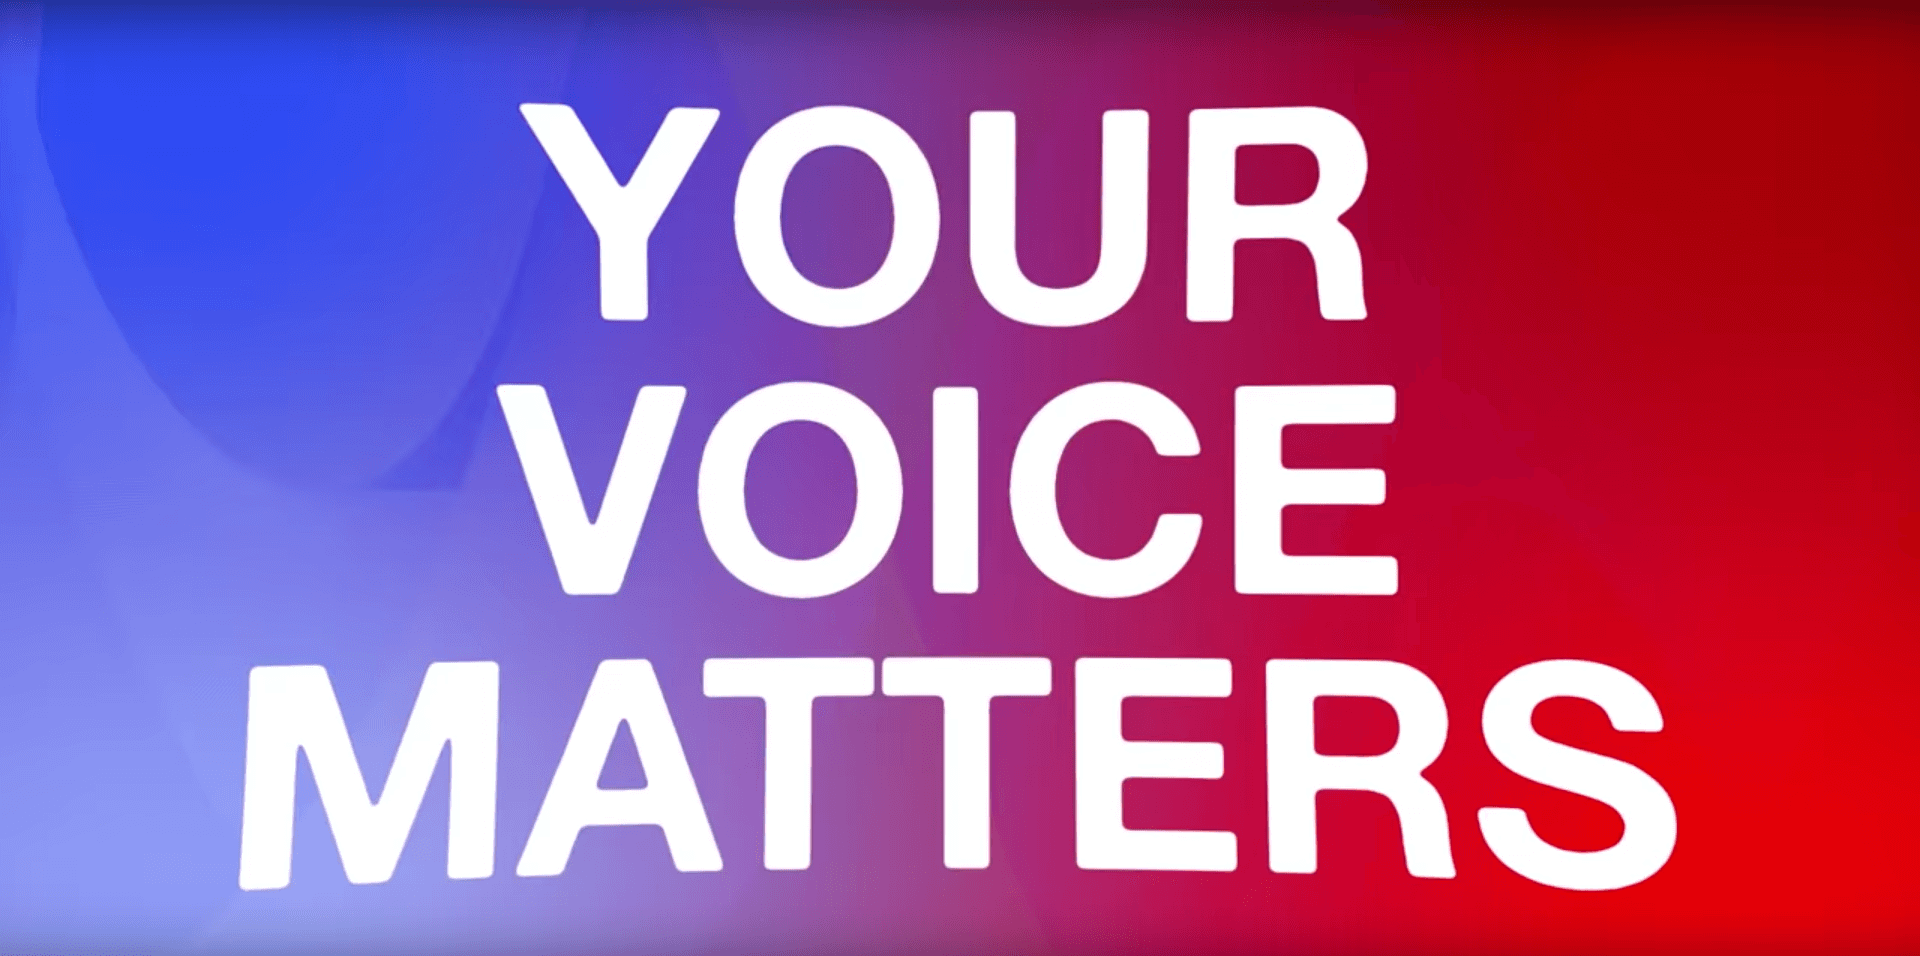 YOUR VOICE MATTERS – A short film by Paris Brosnan